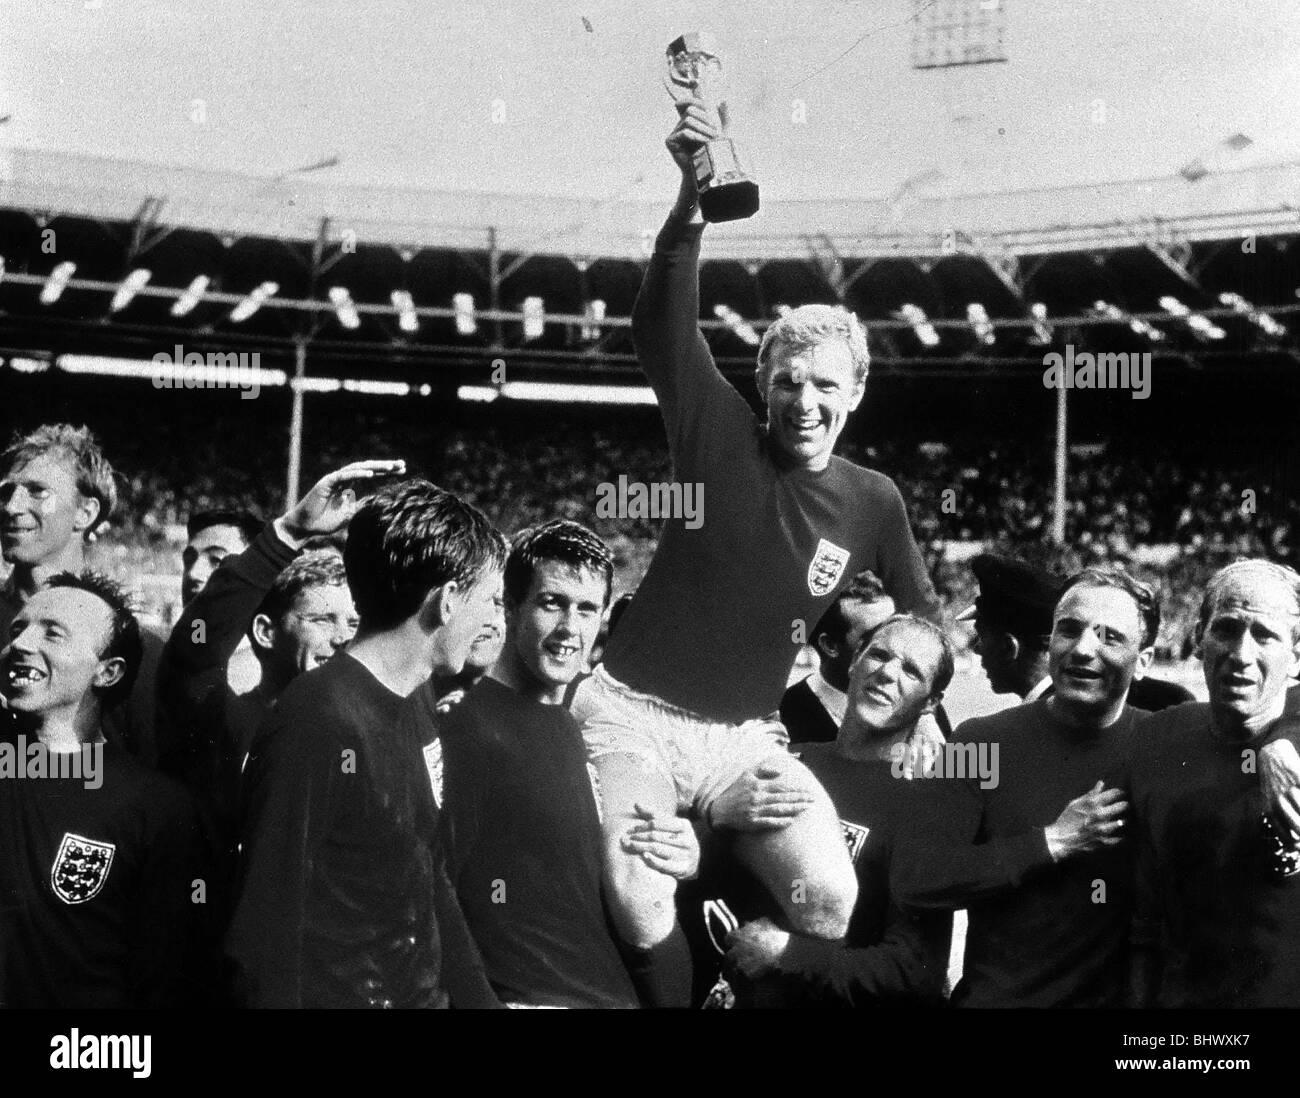 Finale di coppa del mondo di luglio 1966 allo Stadio di Wembley Inghilterra 4 v Germania Ovest 2 dopo un tempo supplementare Foto Stock